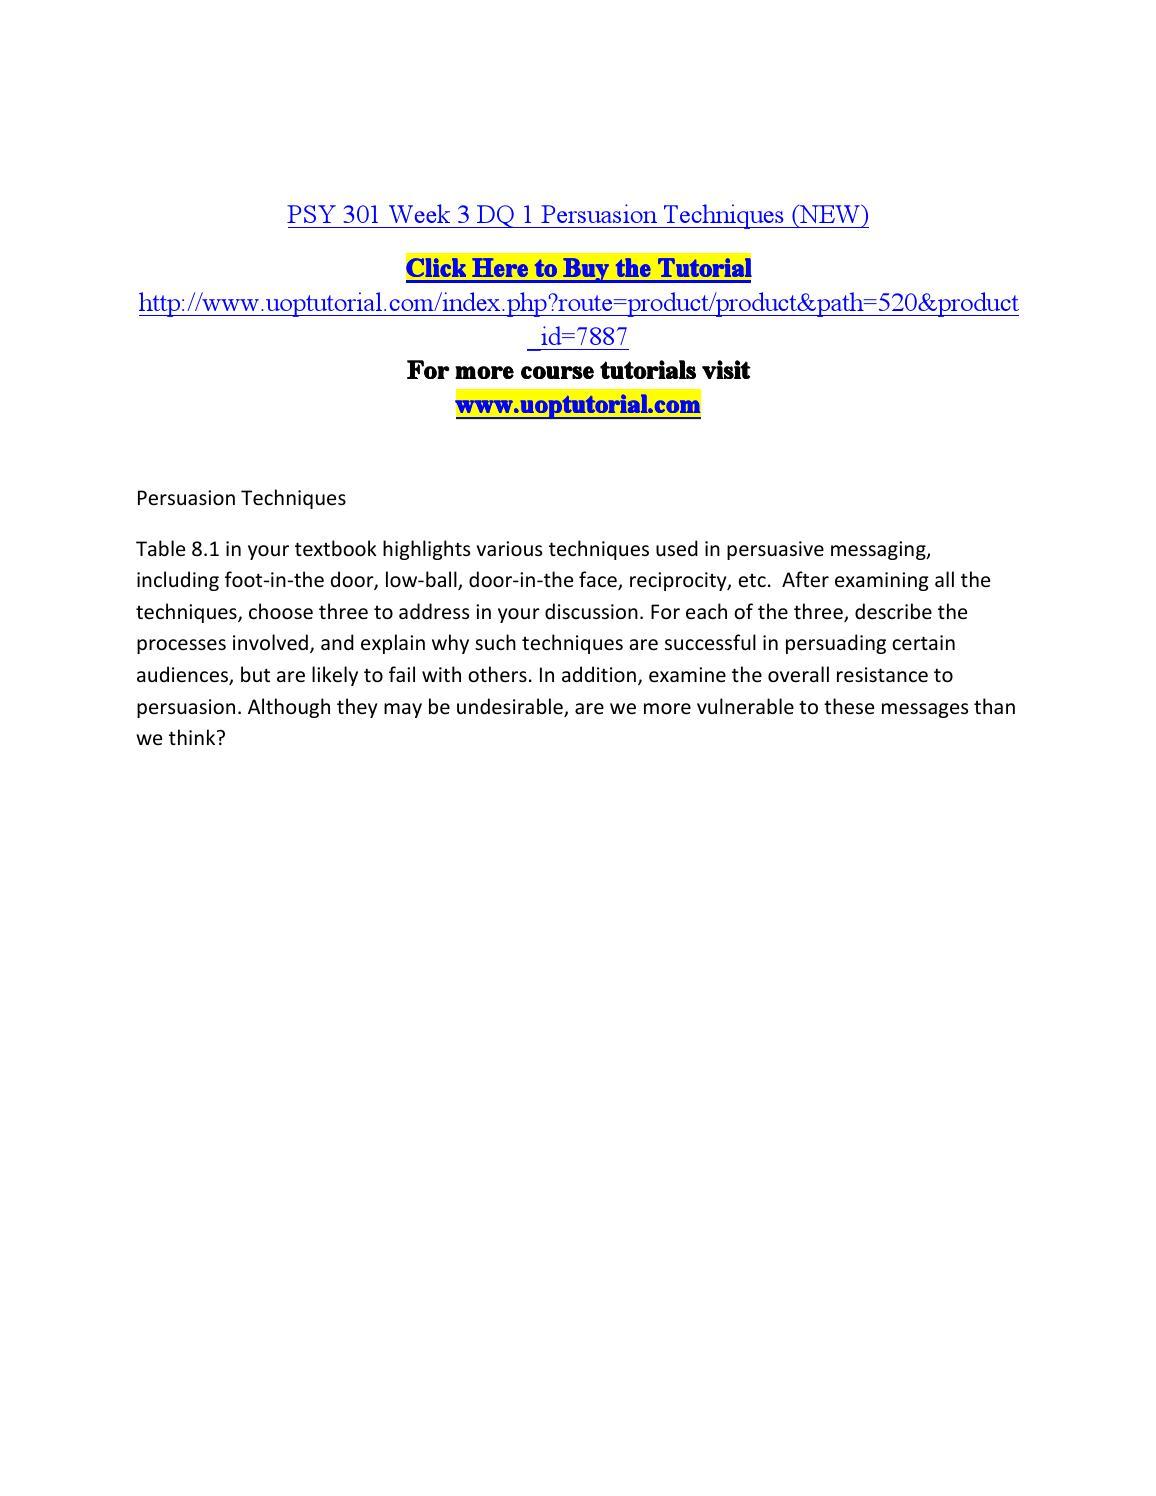 PSY 301 ASH Course Tutorial / Tutorialrank